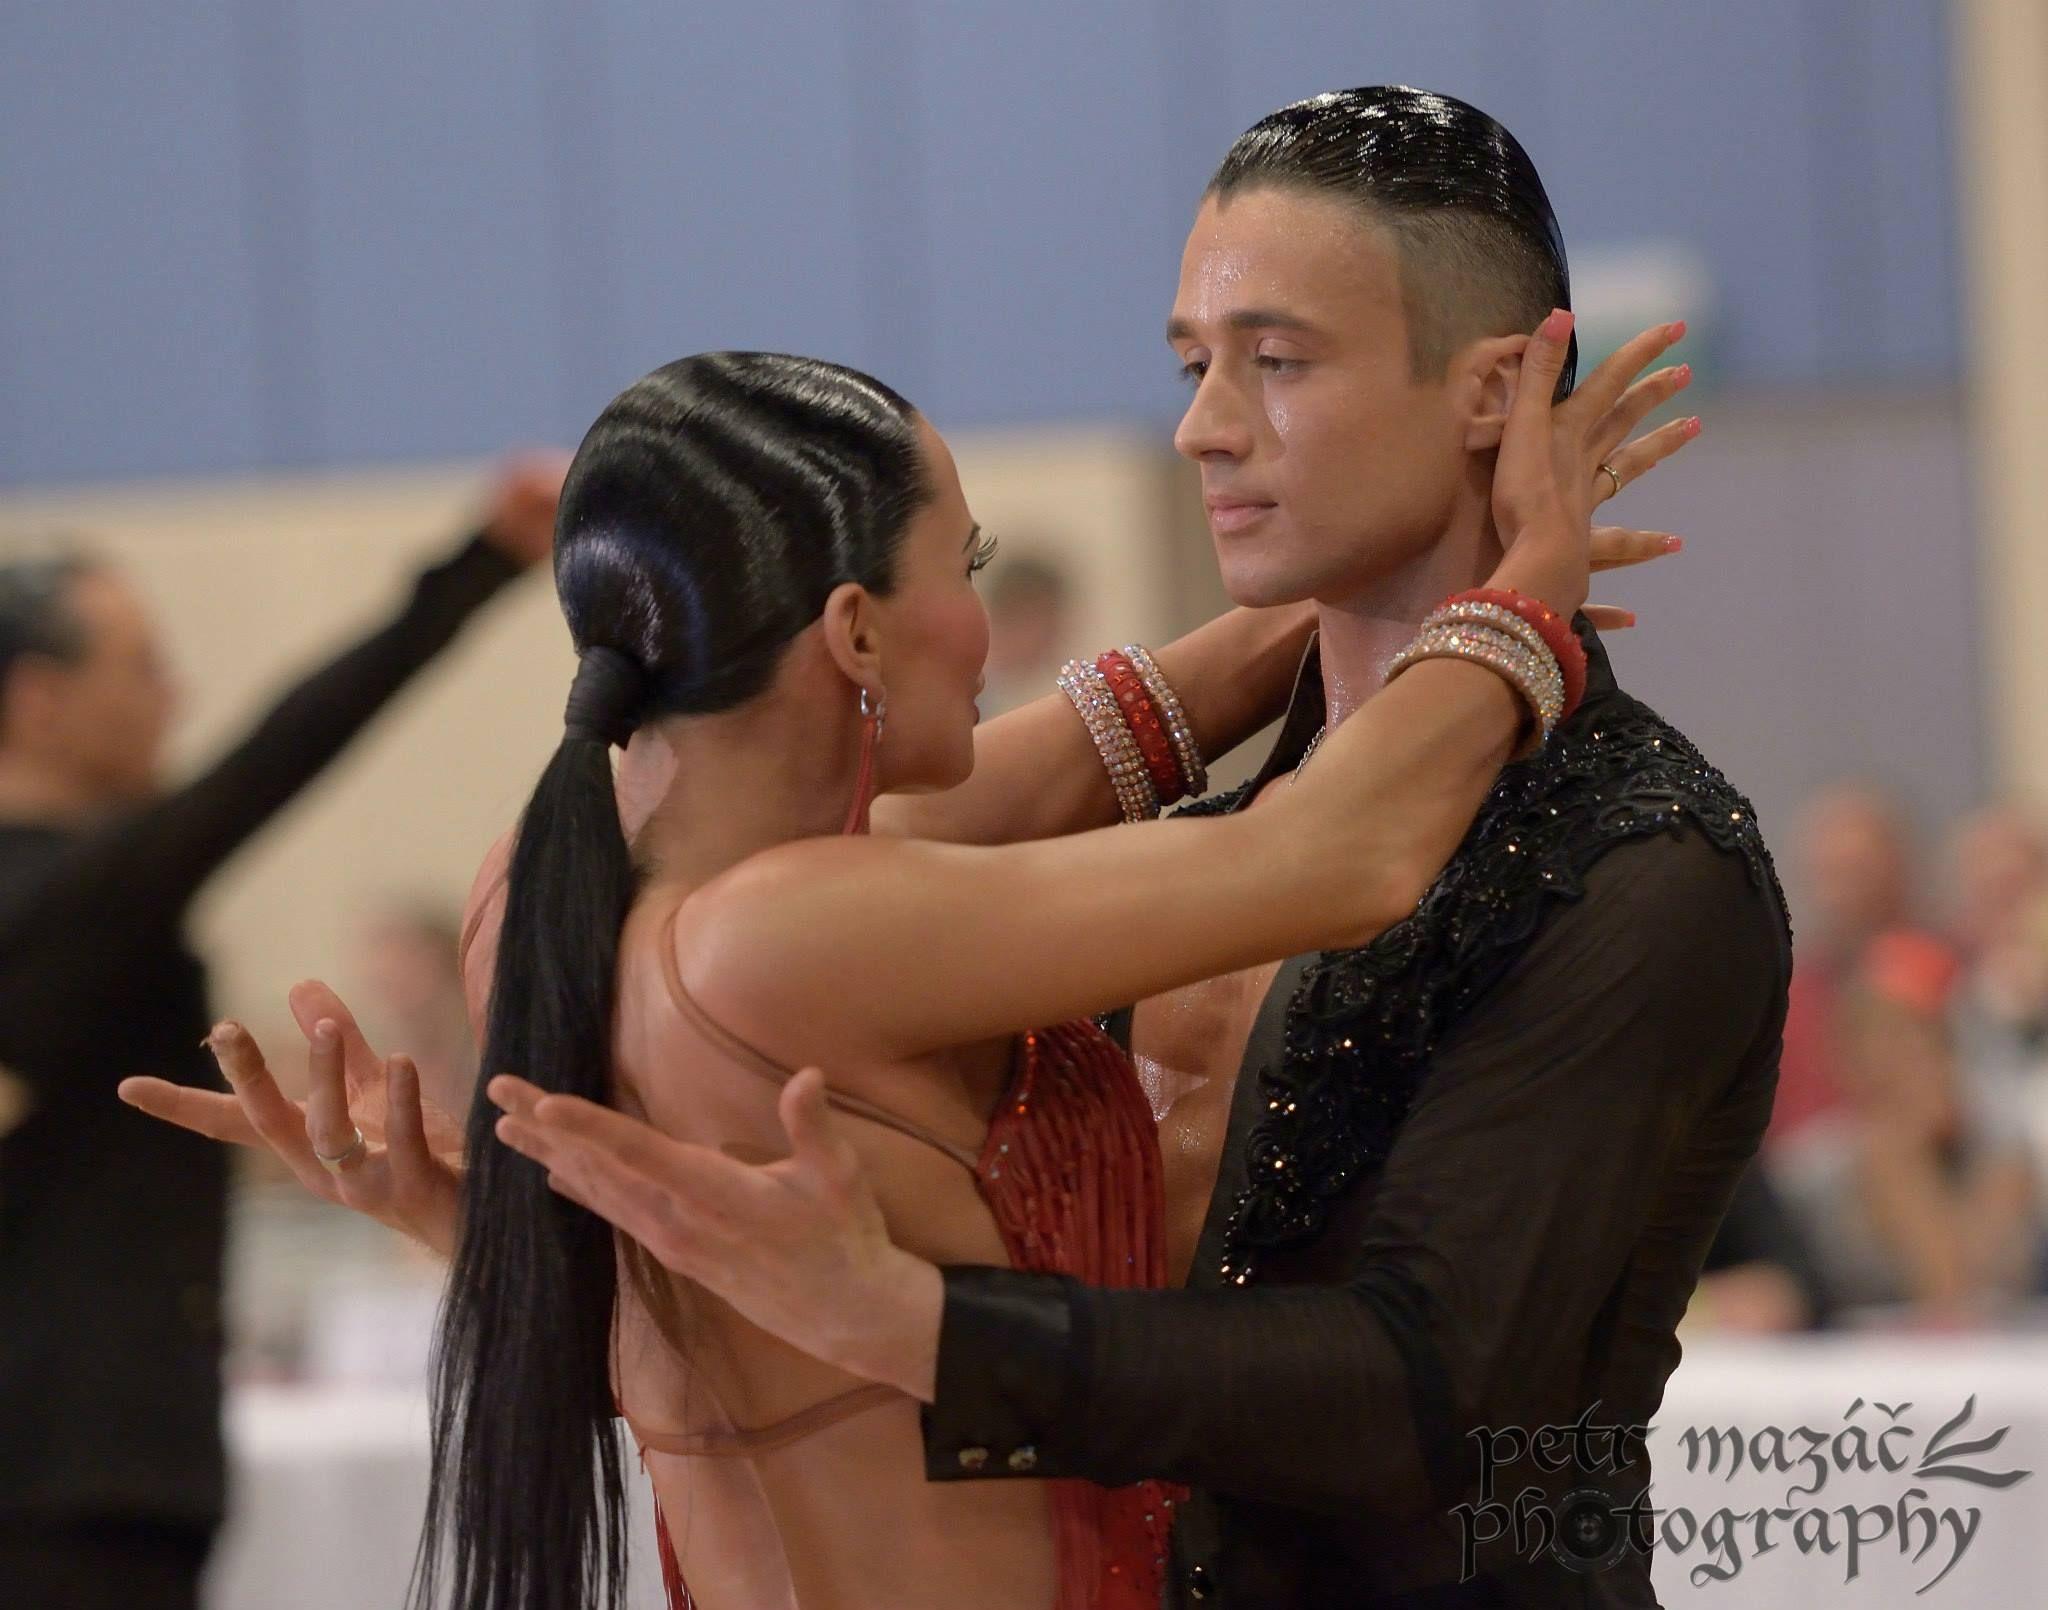 Latin Hair Ponytail Dance Hairstyles Latin Ballroom Hairstyles Latin Hairstyles